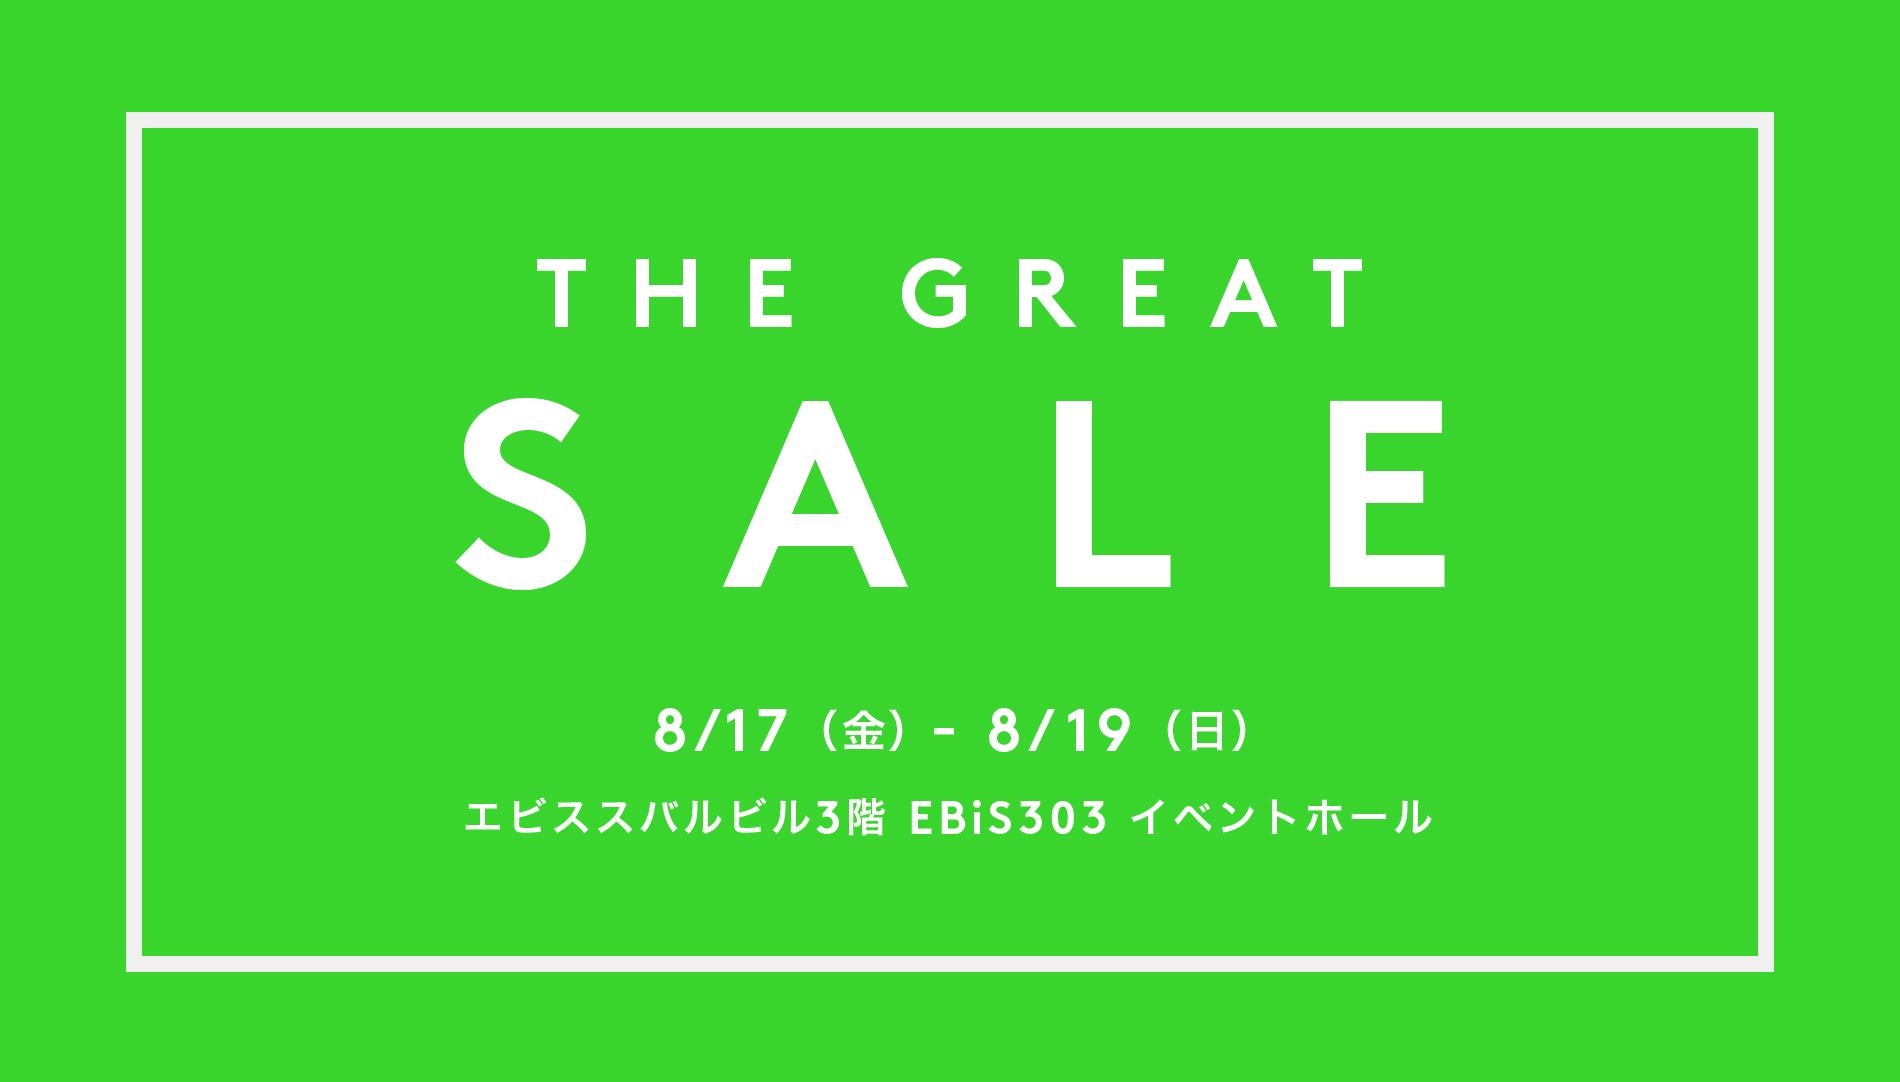 東京 「バーニーズニューヨーク ファミリーセール」開催2018年8月17-19日